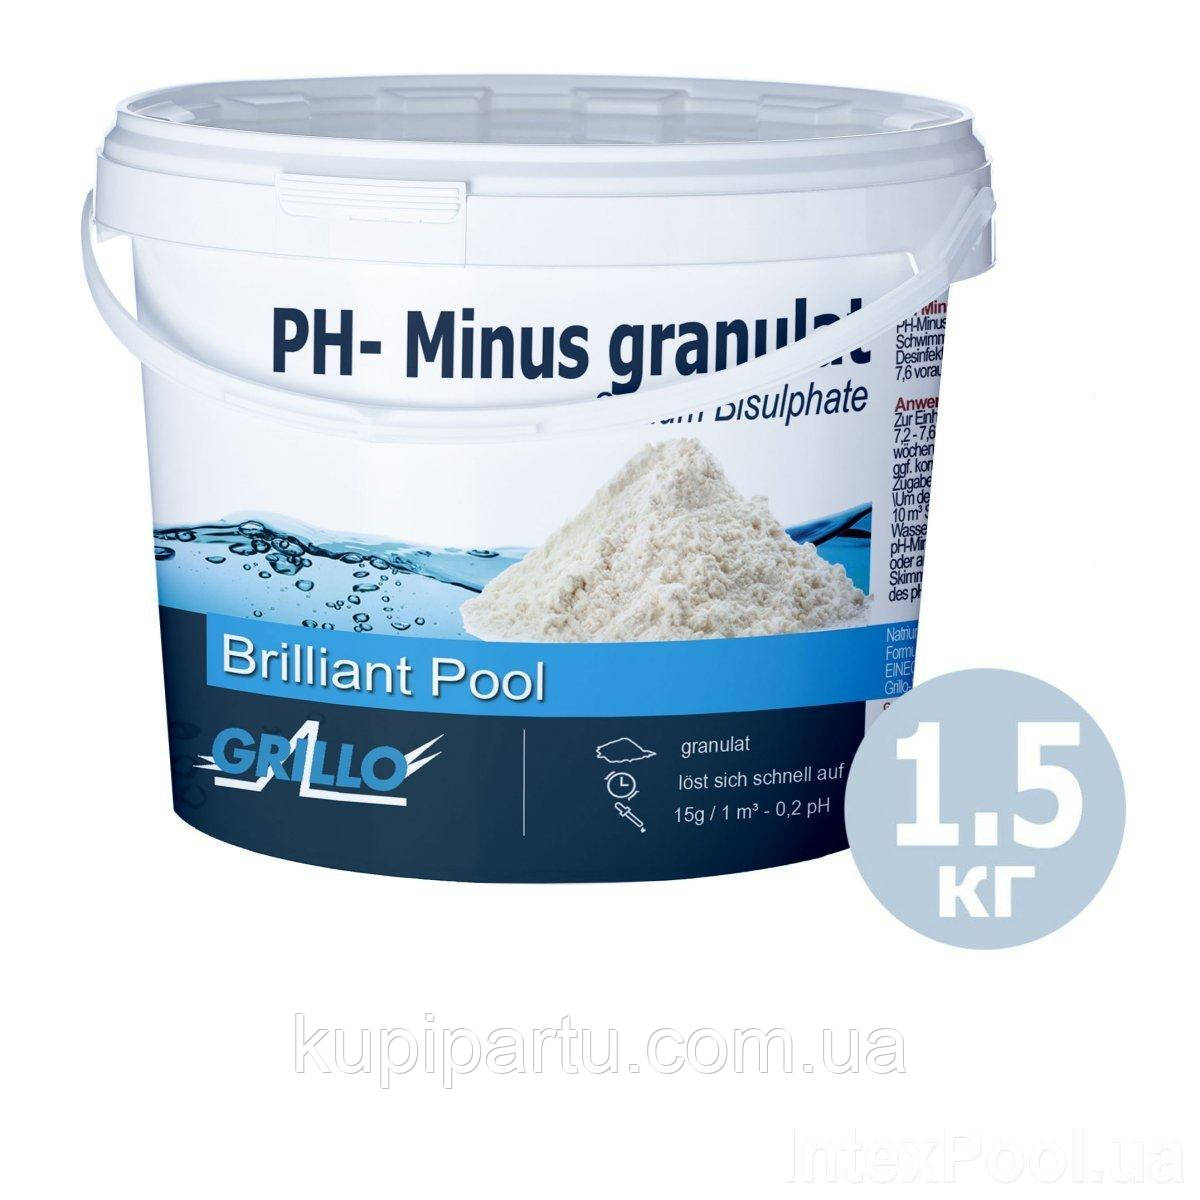 Средство для понижения уровня pН в воде бассейна. pH- 1.5 кг, Grillo 814, Германия